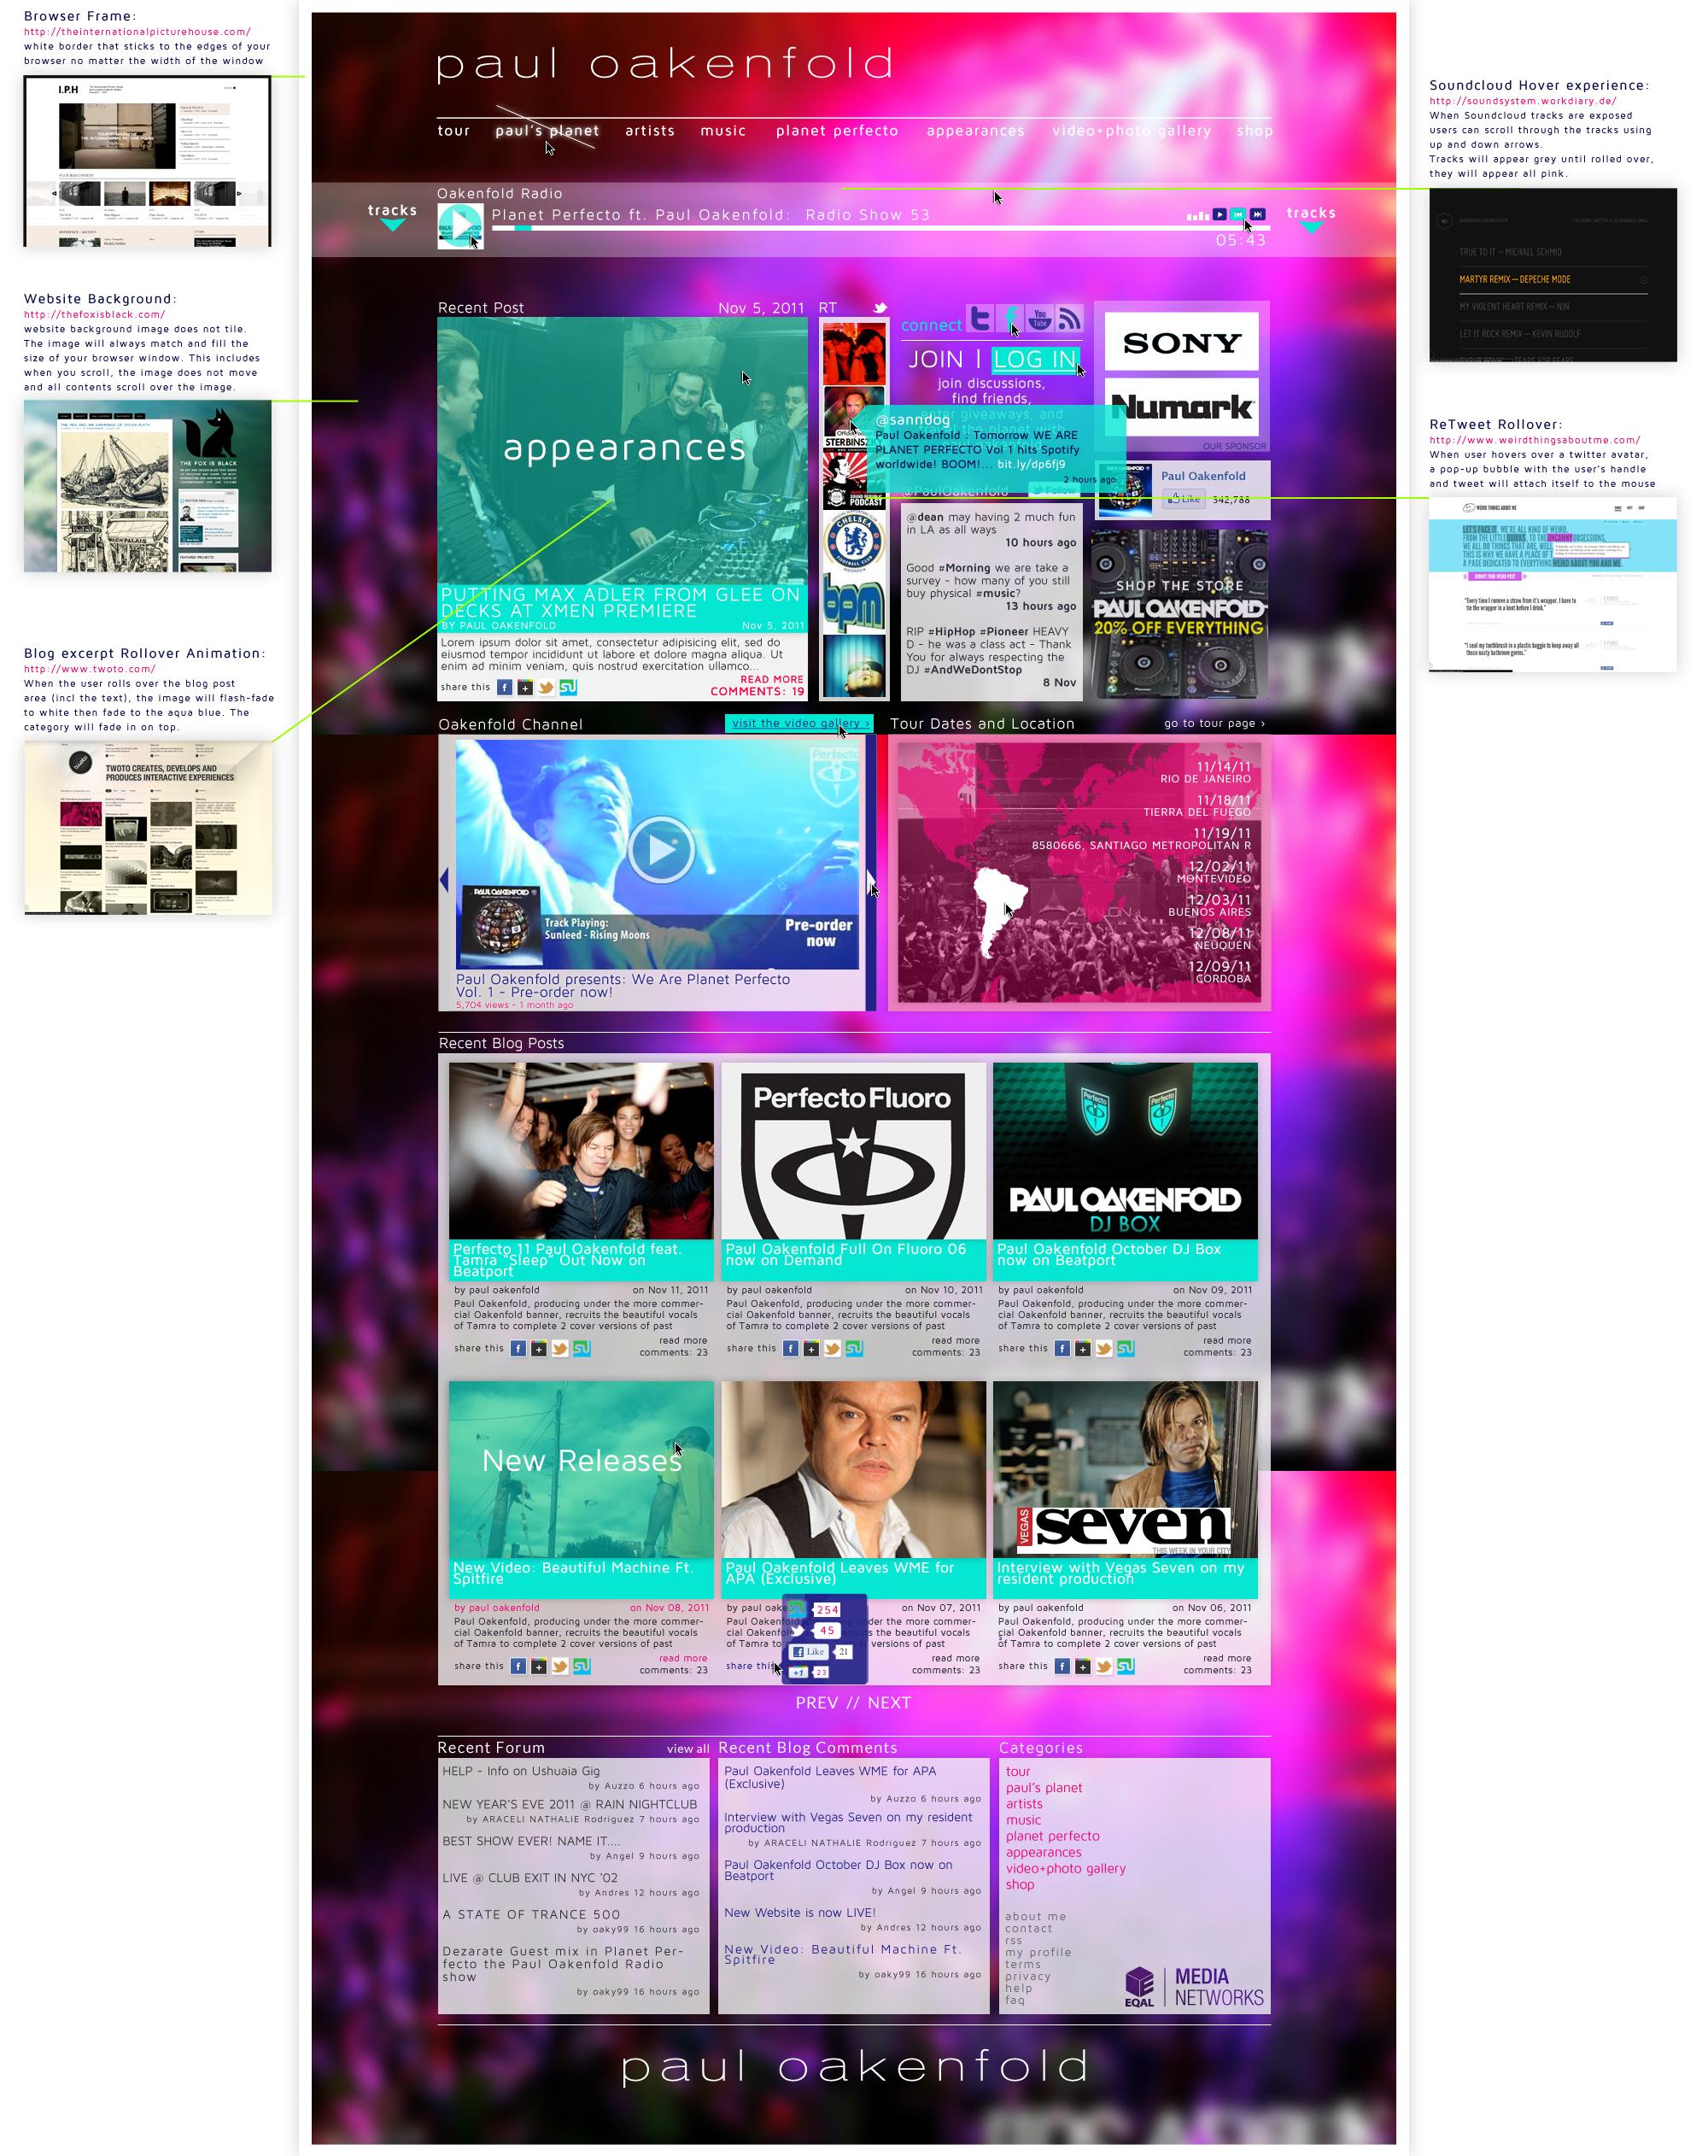 oakenfold_site1_A_v01_samples.jpg